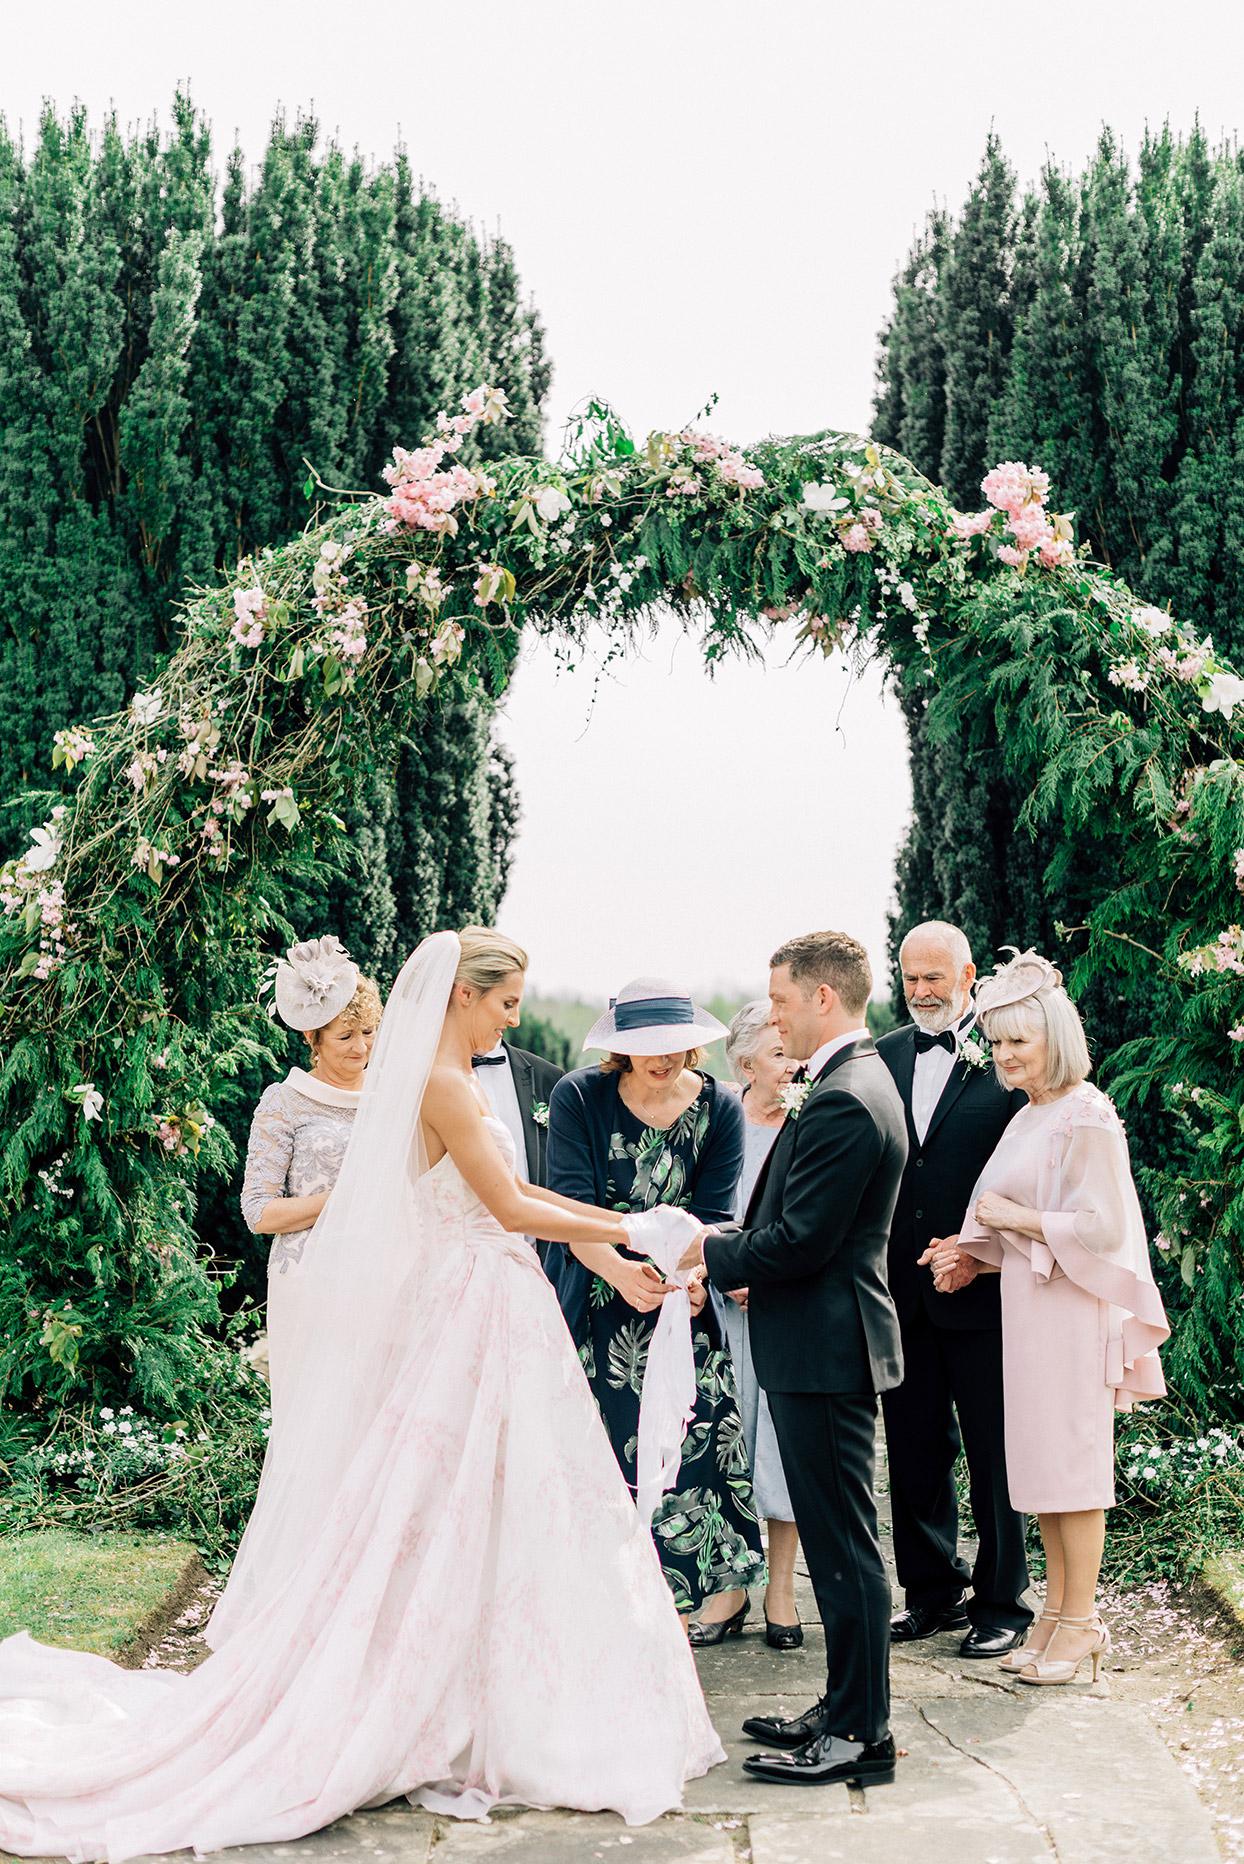 Twists on Traditional Wedding Ideas | Martha Stewart Weddings